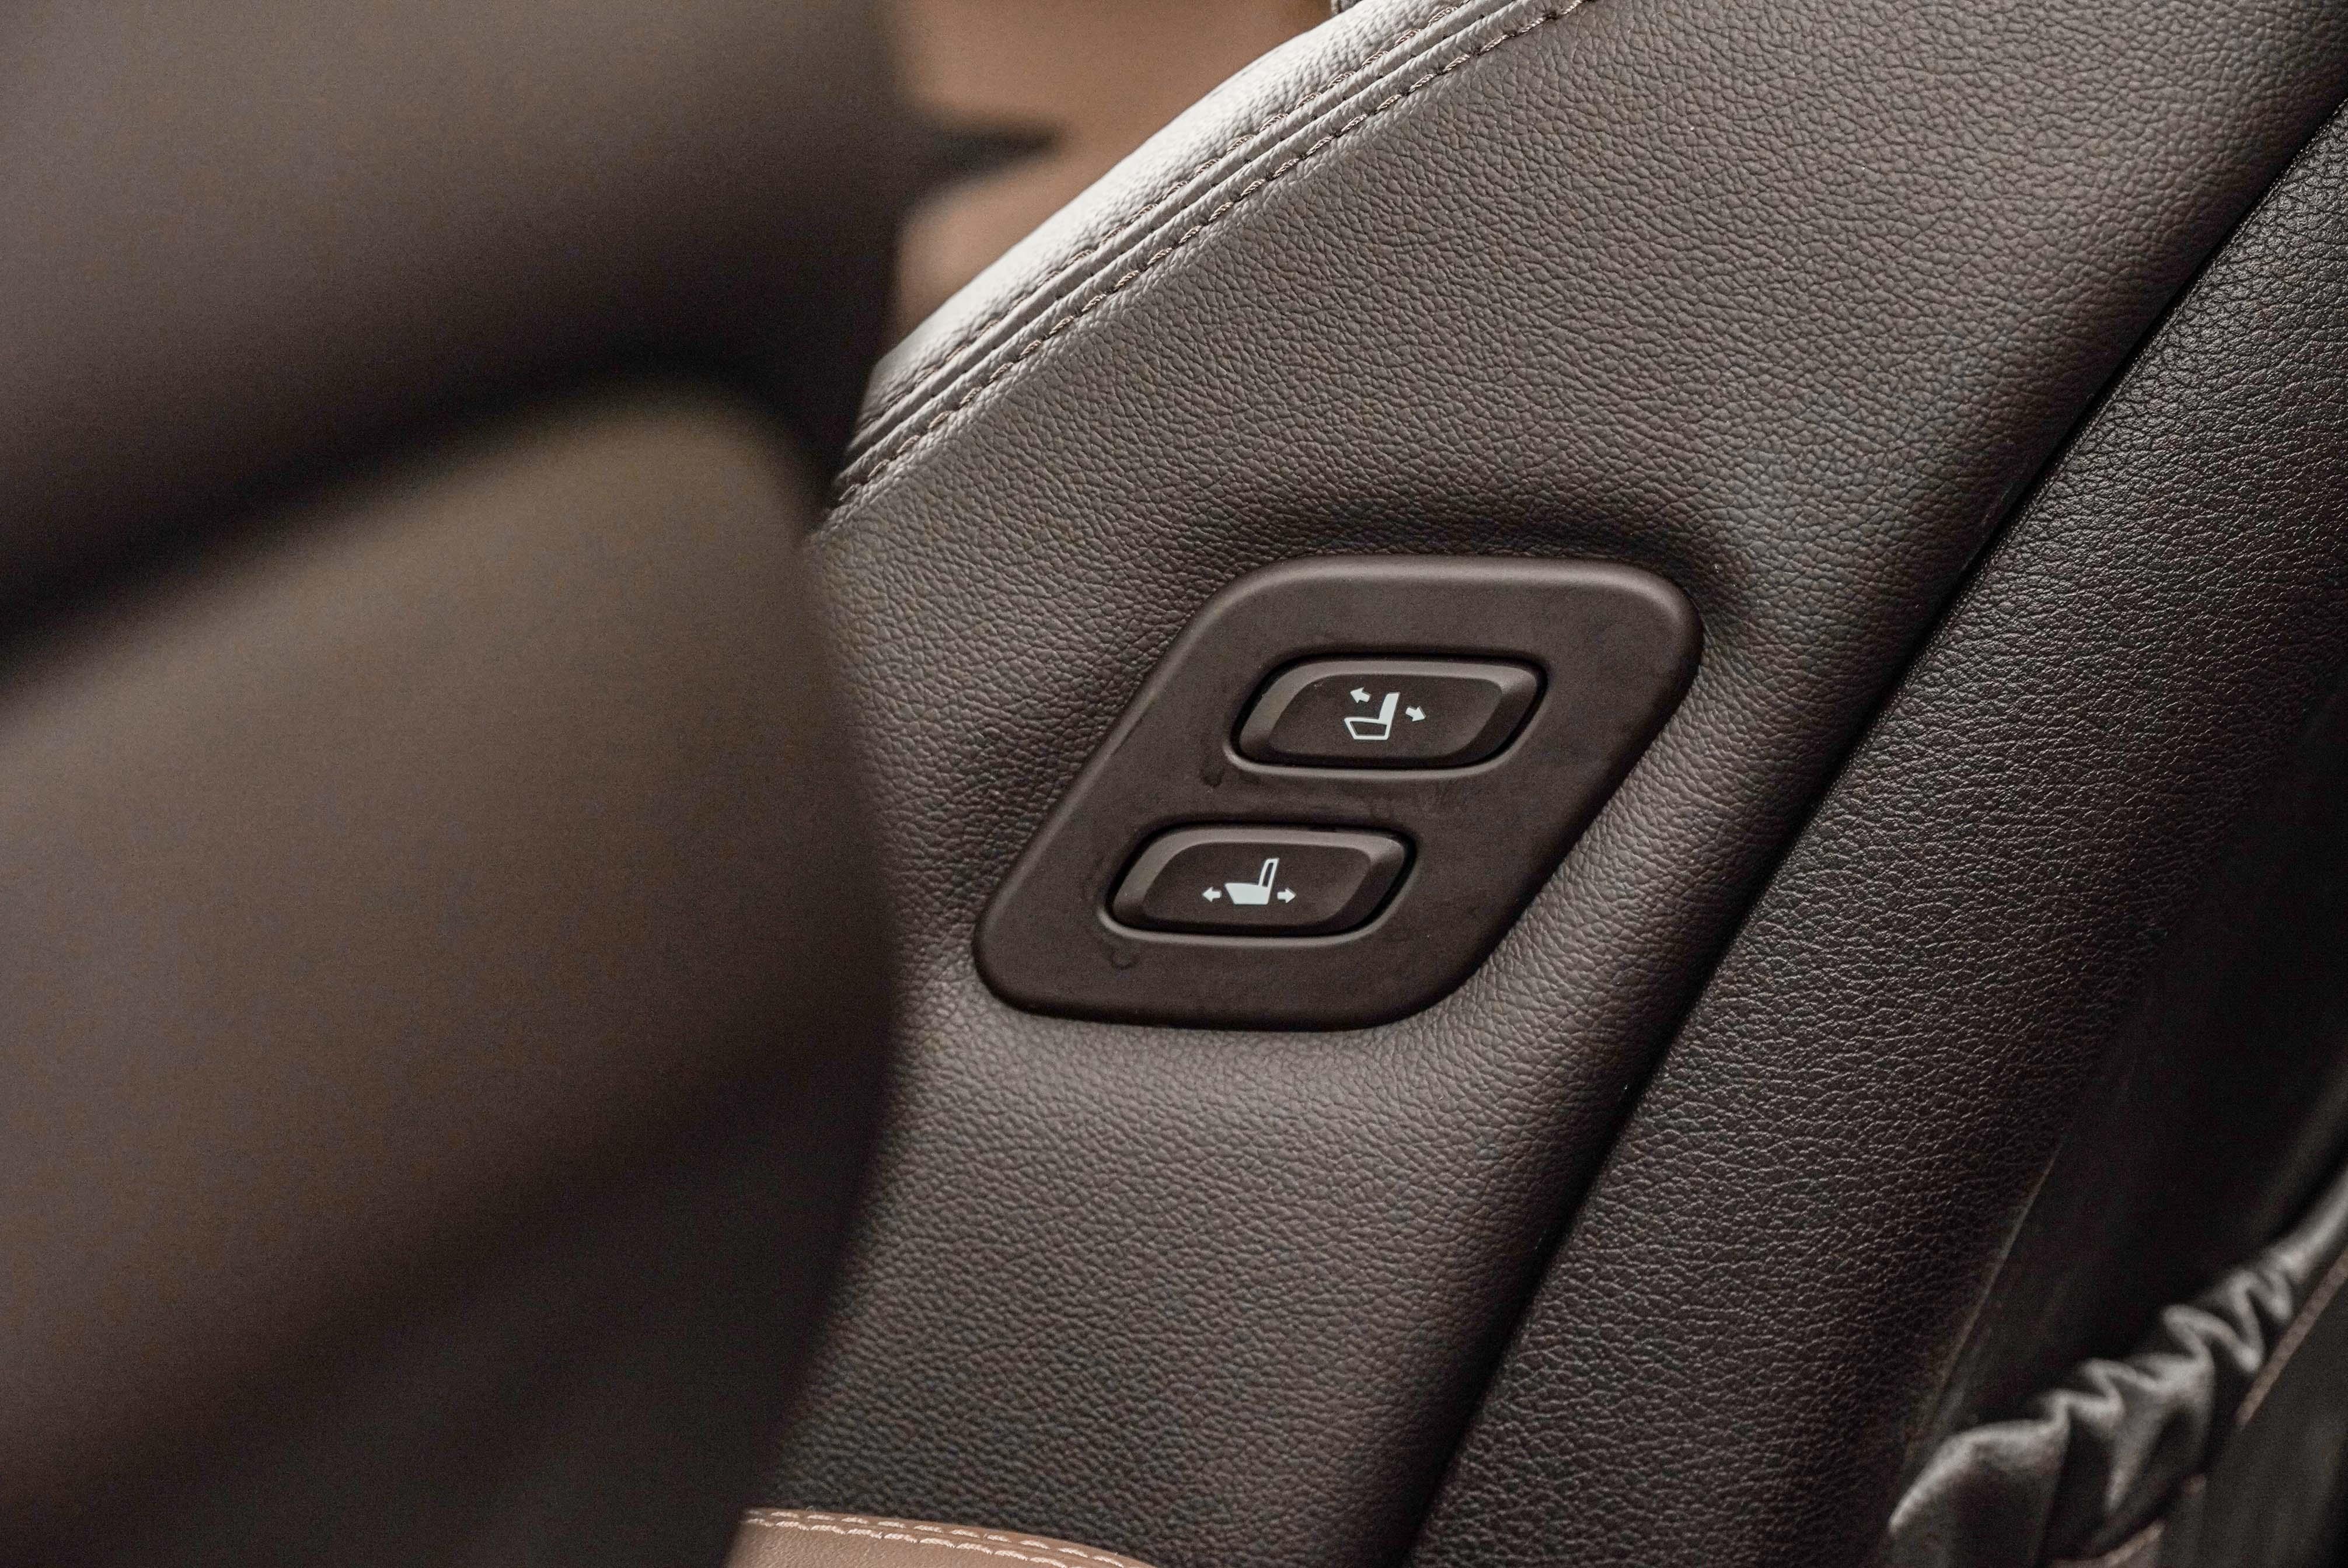 旗艦型專屬的副駕駛座電動調整按鈕。